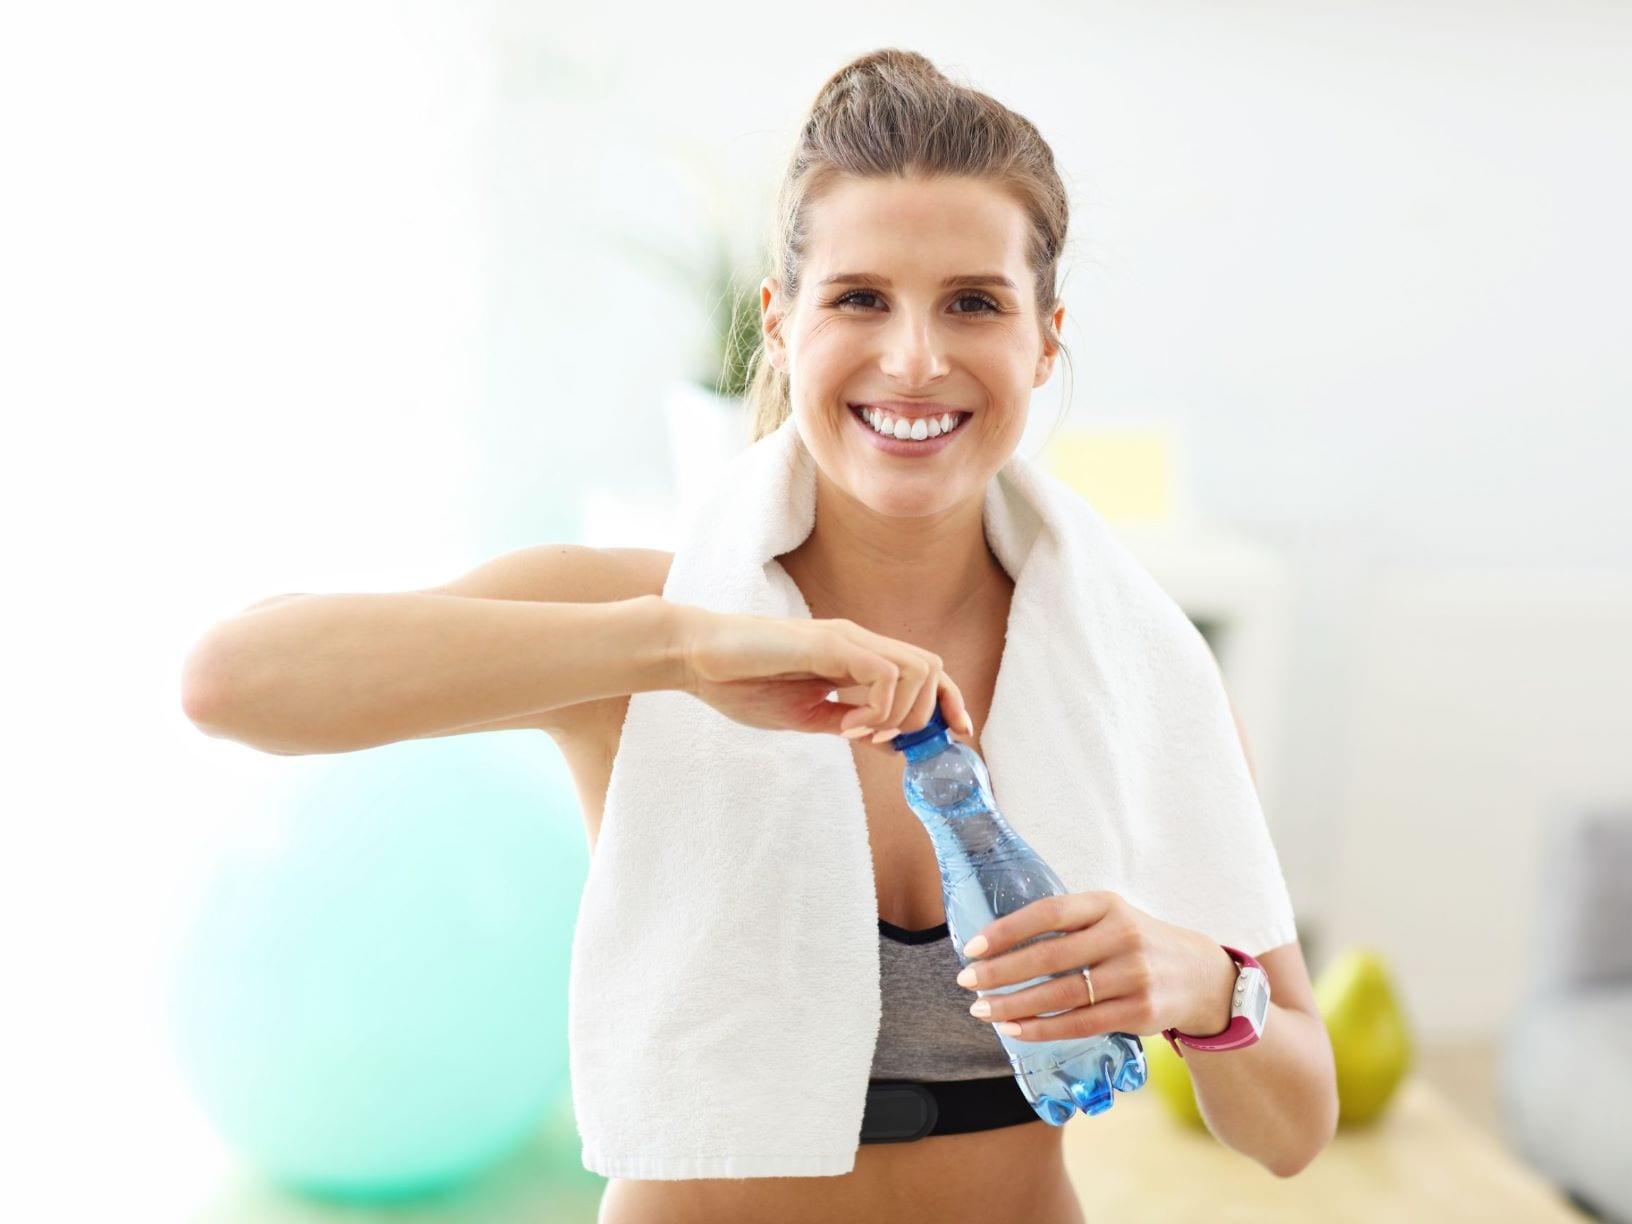 vrouwelijke personal trainer